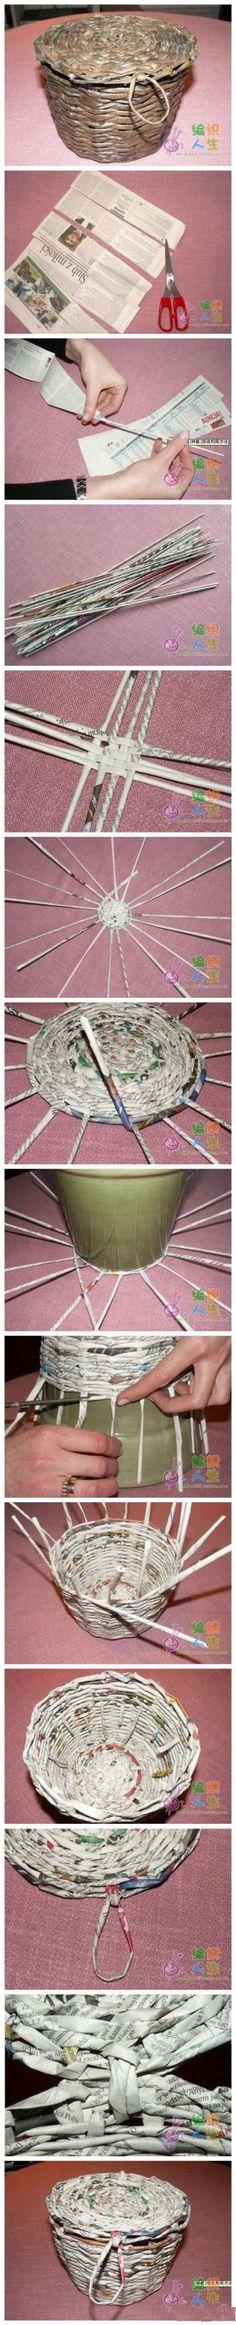 Tecnica de cesteria, con papel de diario. Cesto con tapa o canasta con una manija. Base radial para hacer un circulo (se empieza con 4 pares de varillas). Al final se puede pintar con barniz marron, acrilico o pintura en aerosol.